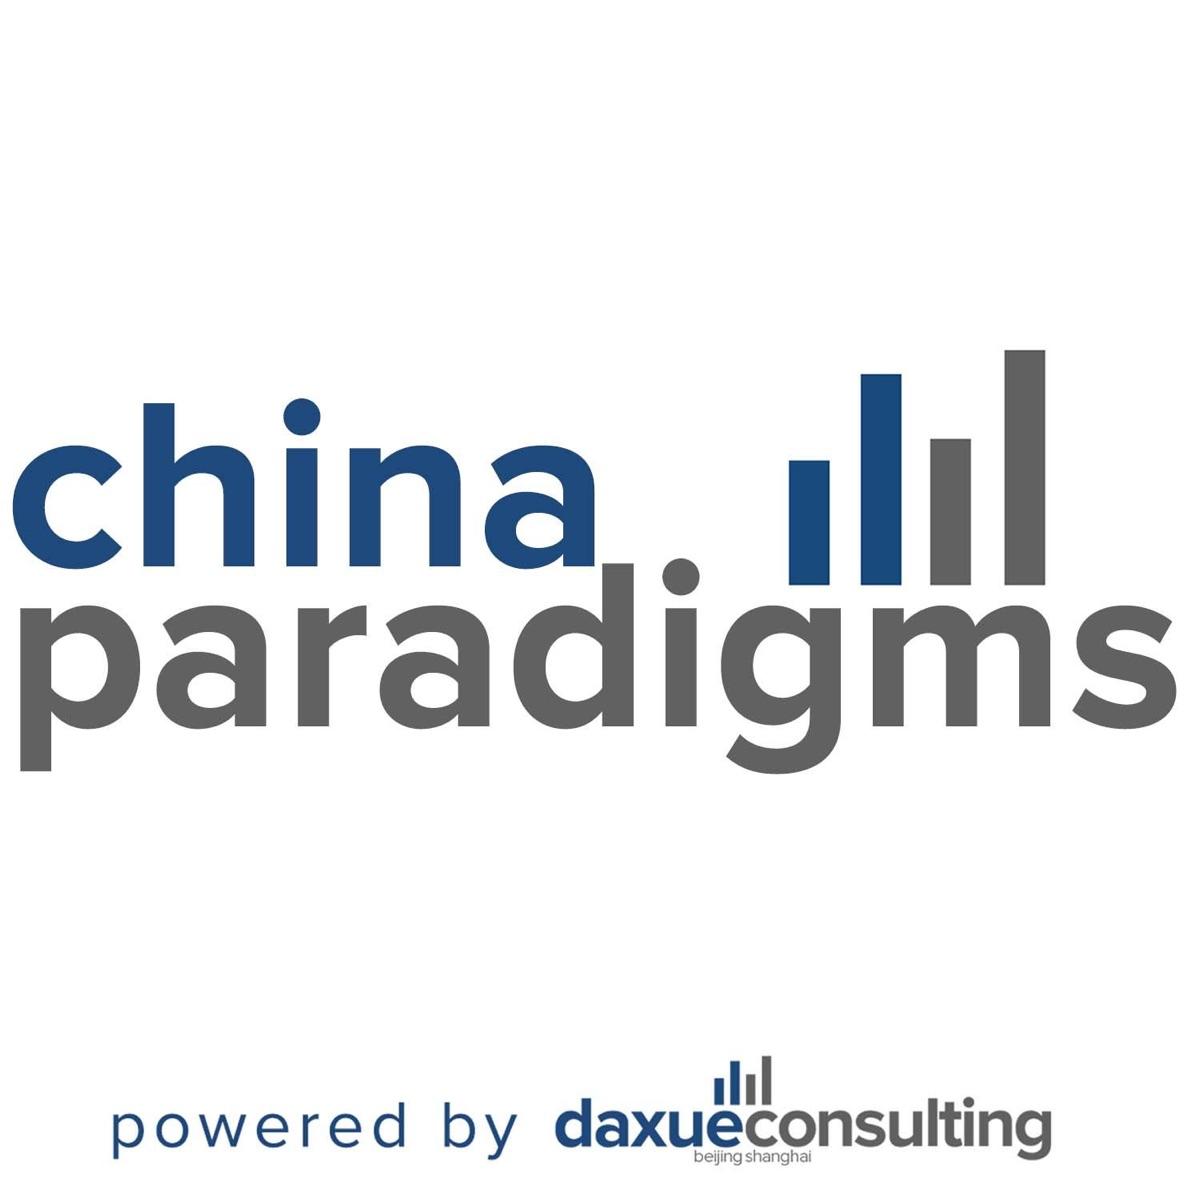 China Paradigms